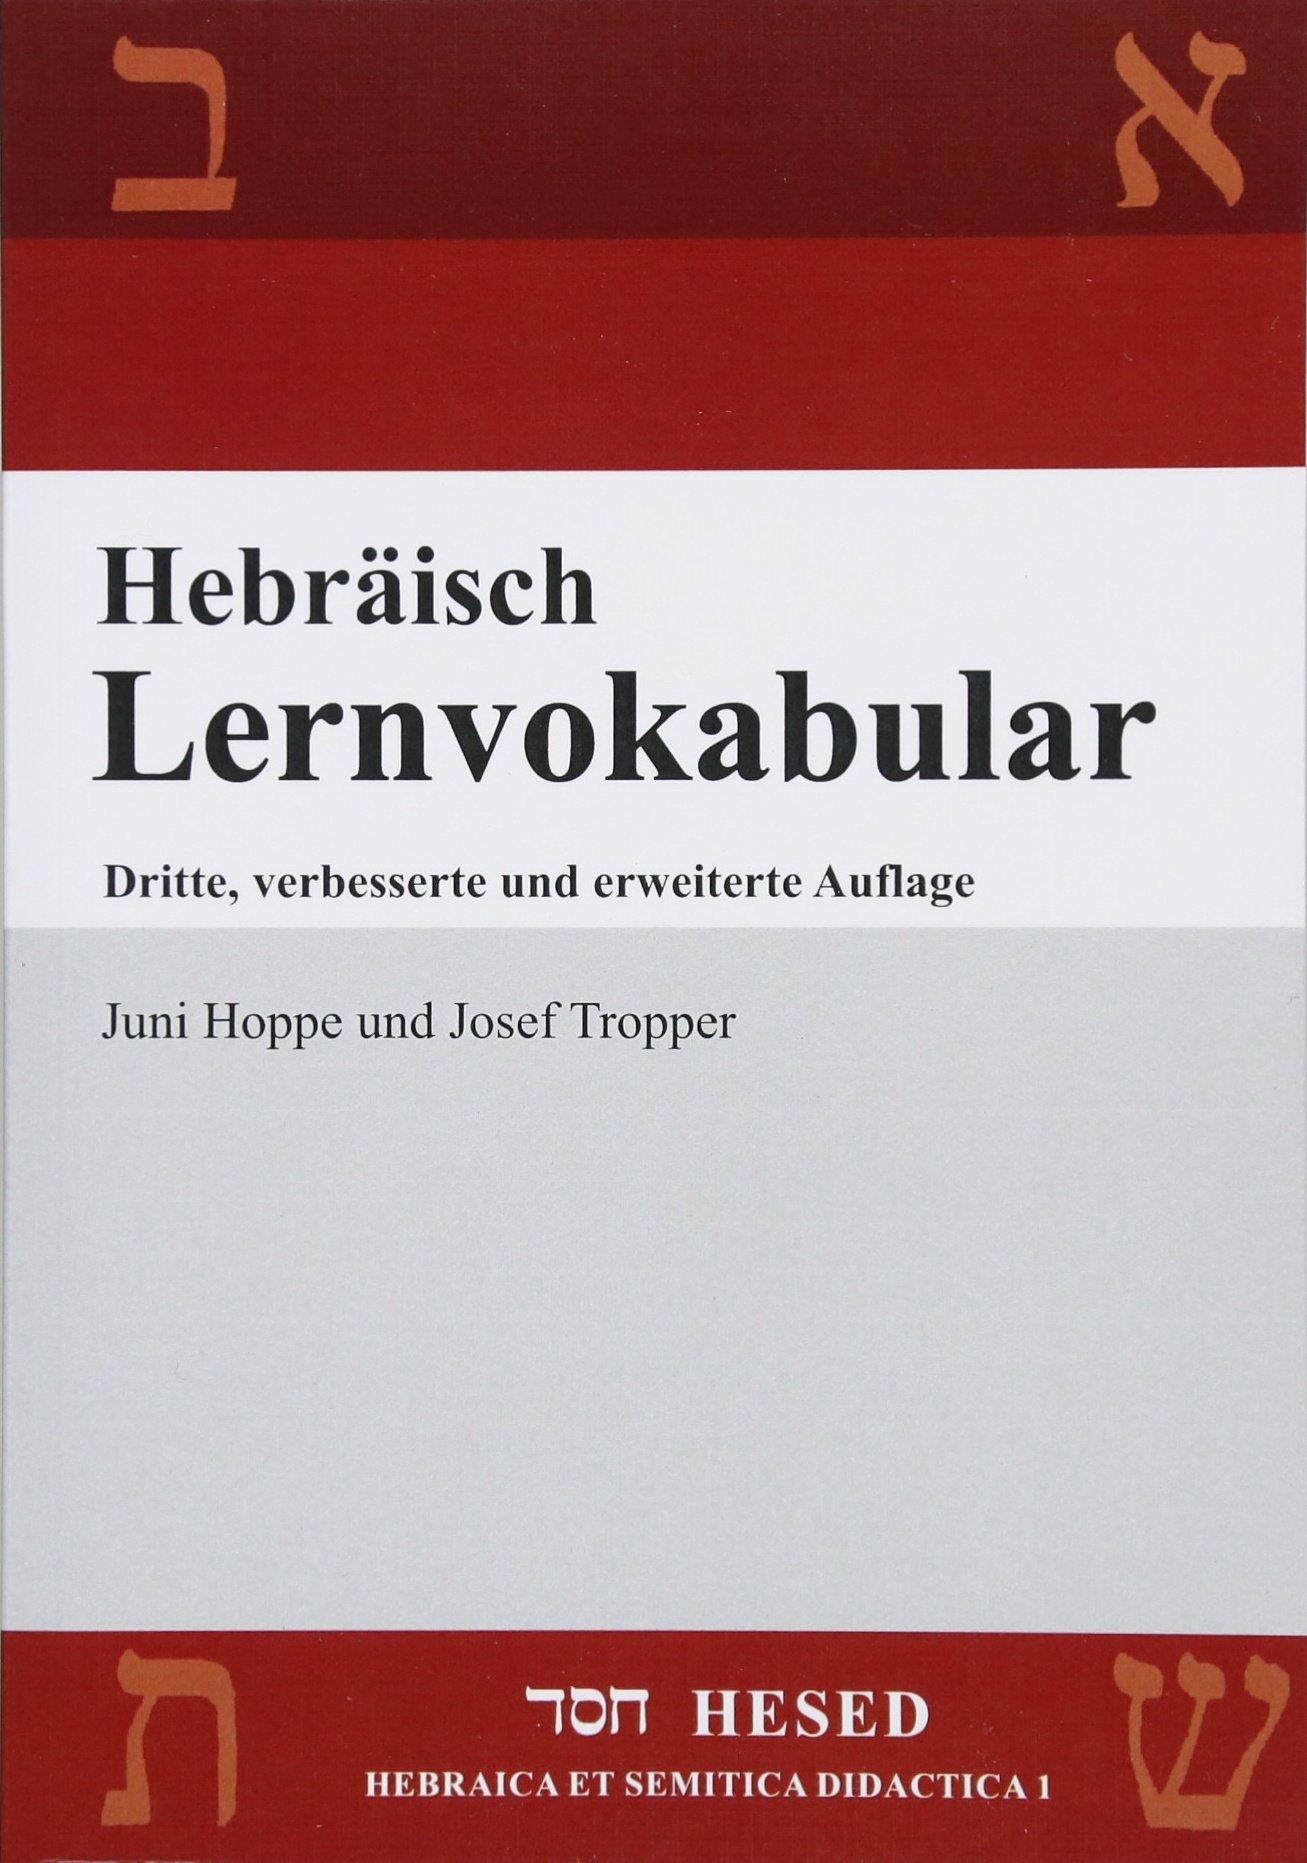 Hebräisch Lernvokabular: 500 Vokabeln, thematisch angeordnet in 60 Lektionen, zum täglichen Lernen und Wiederholen (HESED) Taschenbuch – 15. Oktober 2013 Juni Hoppe Josef Tropper Florian Priesemuth Spenner